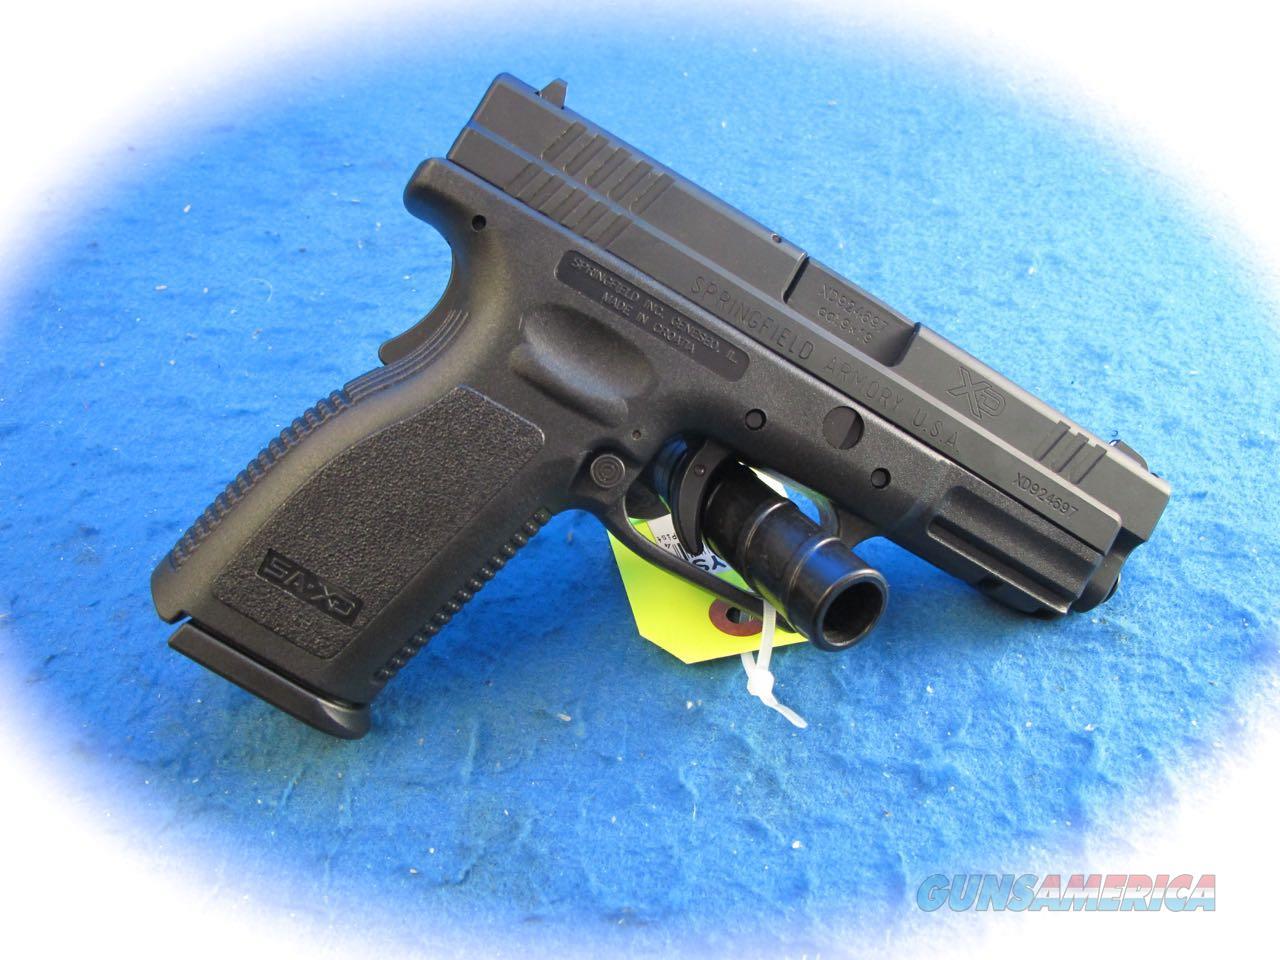 Springfield Armory XD-9 9mm Semi Auto Pistol **Used**  Guns > Pistols > Springfield Armory Pistols > XD (eXtreme Duty)